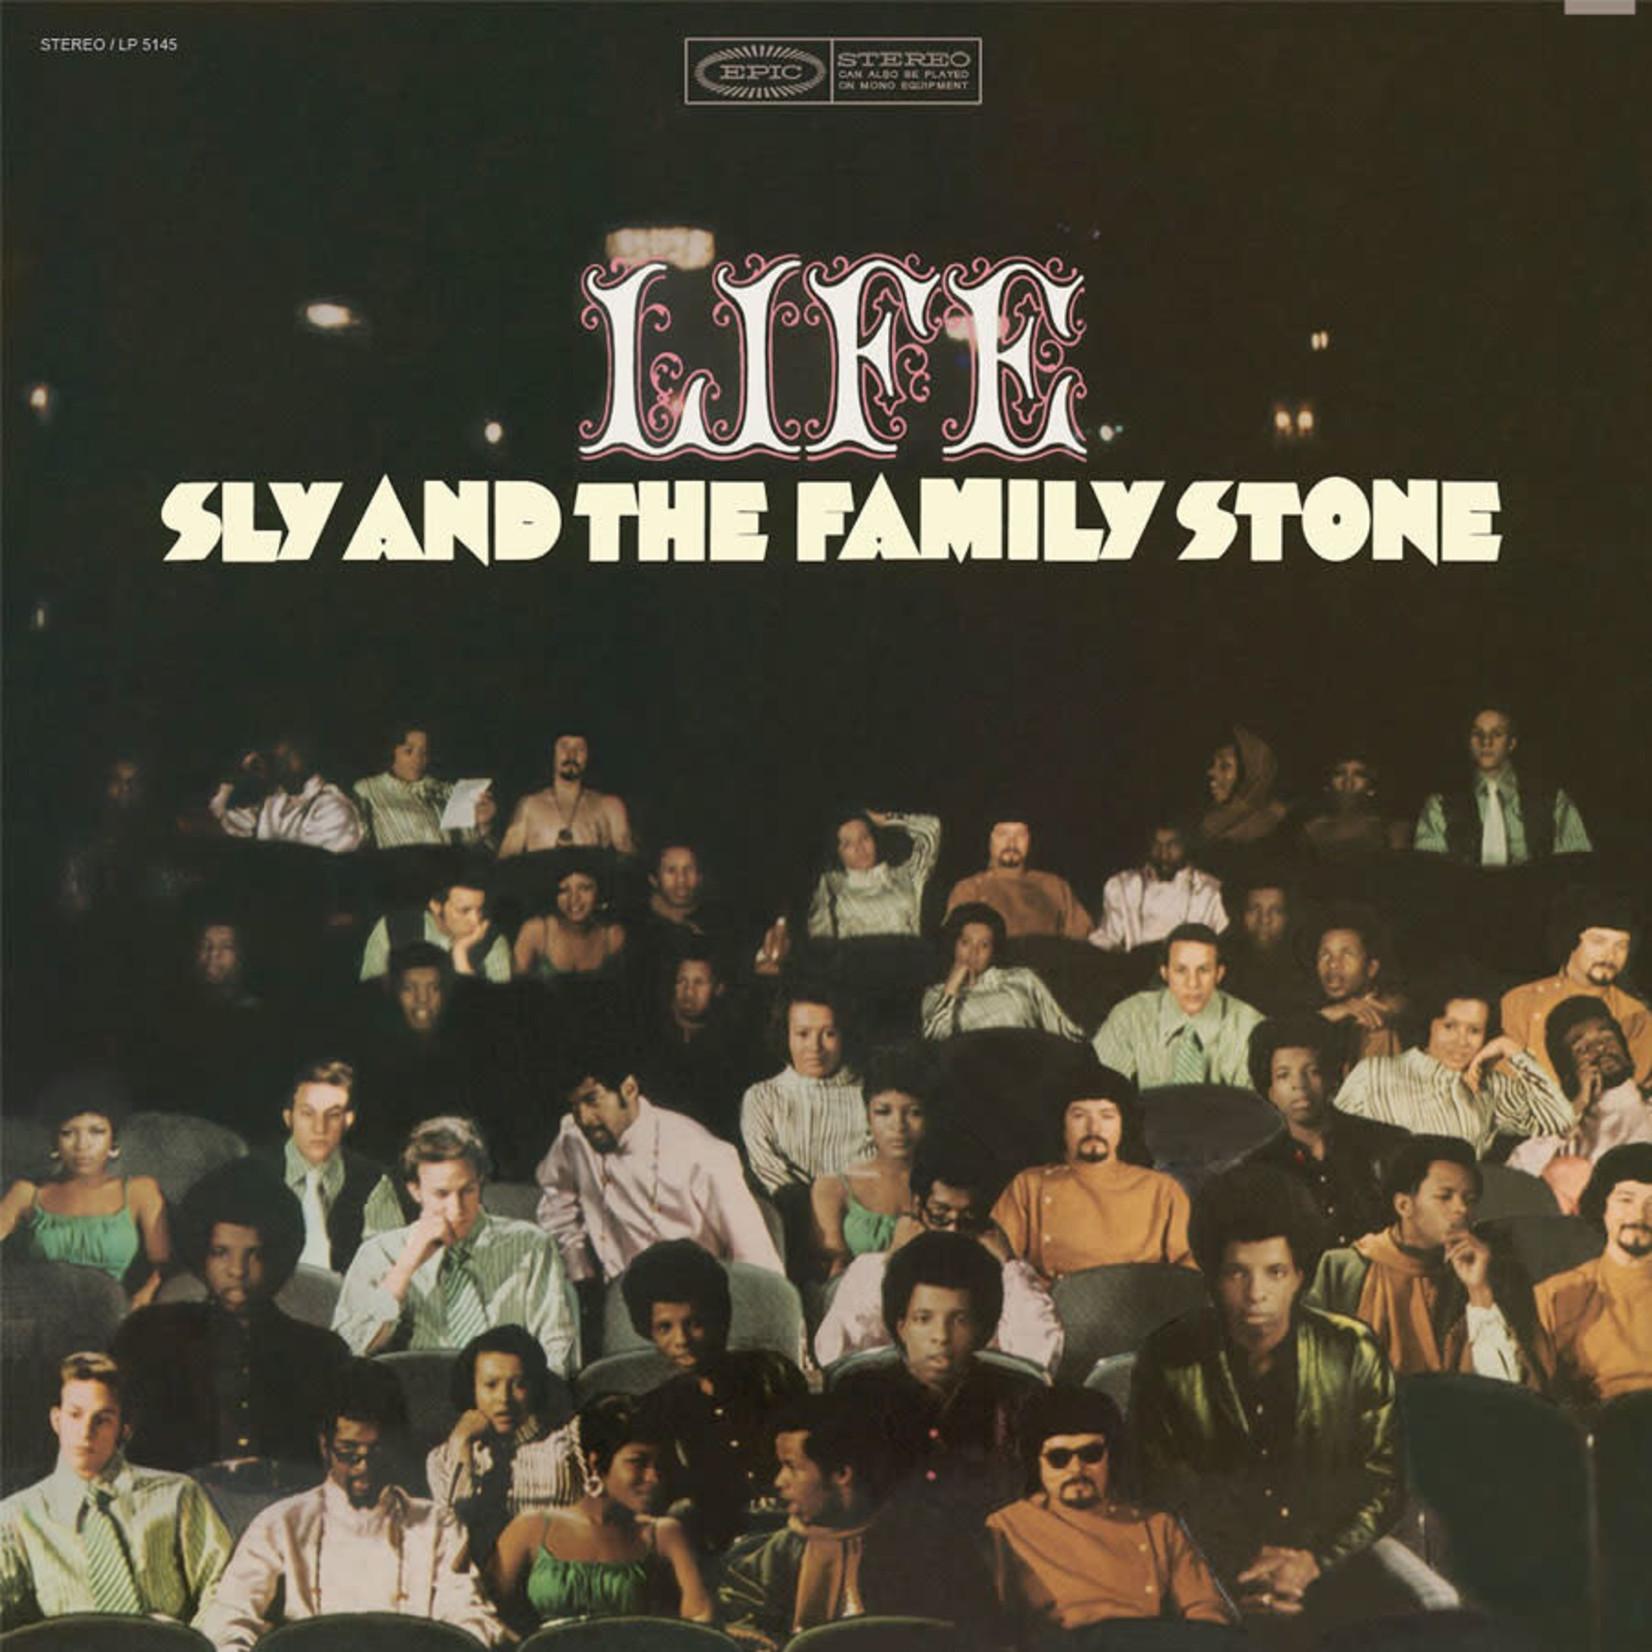 [New] Sly & The Family Stone: Life